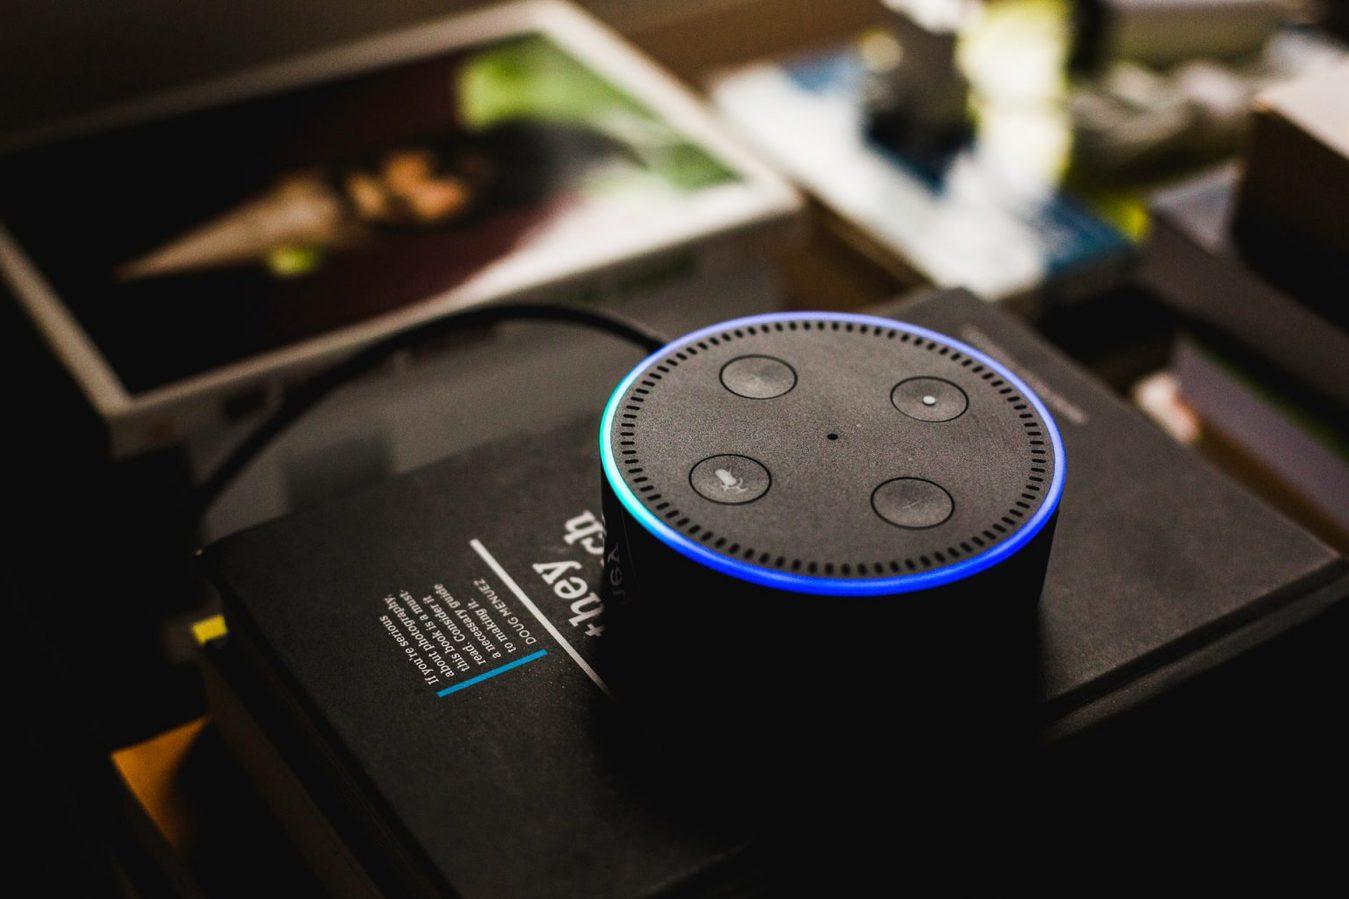 Dispositivo Controlado Por Voz